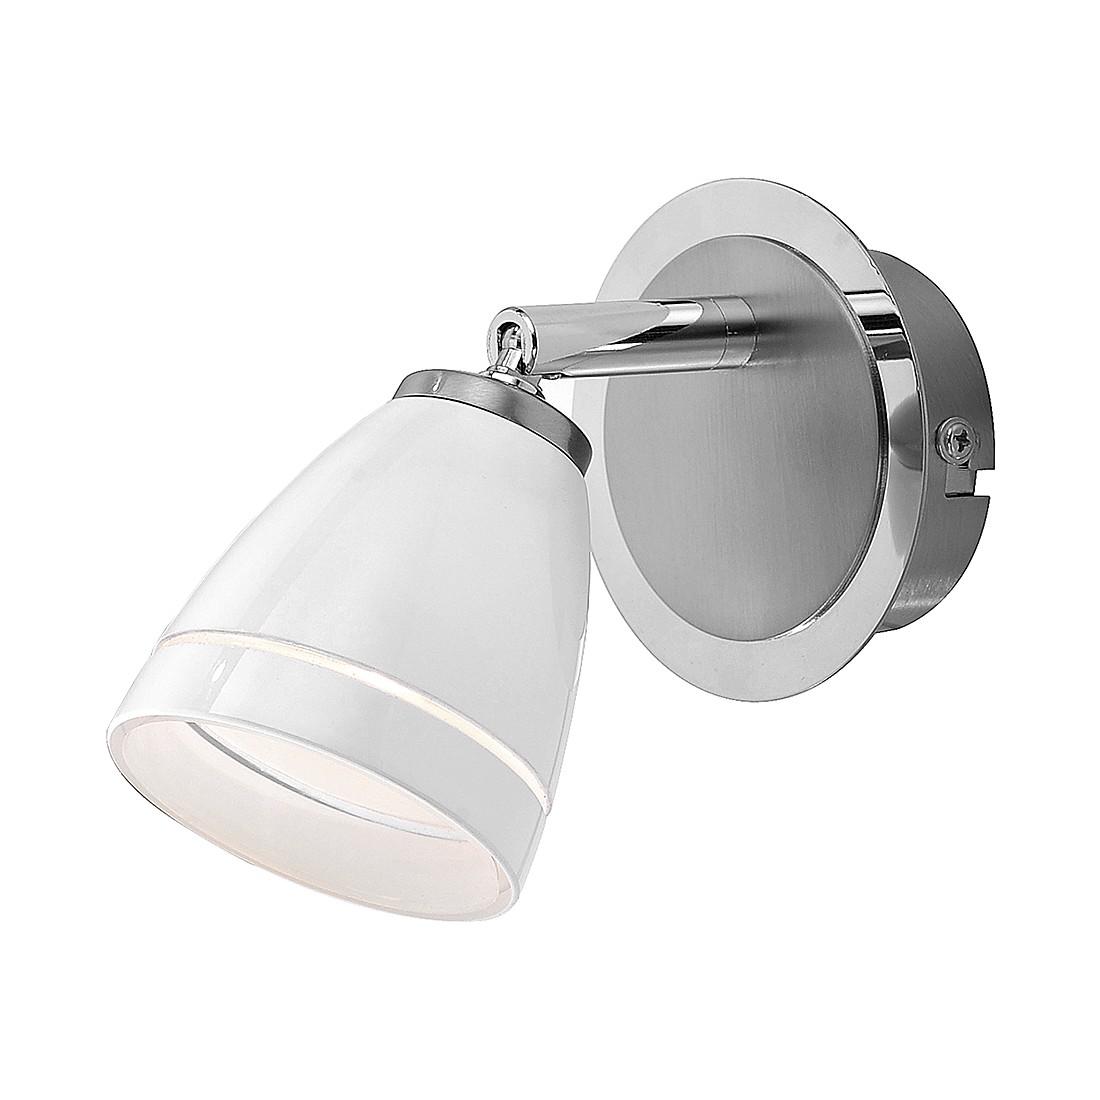 LED Badleuchte - Aluminium - 1-flammig, FLI Leuchten